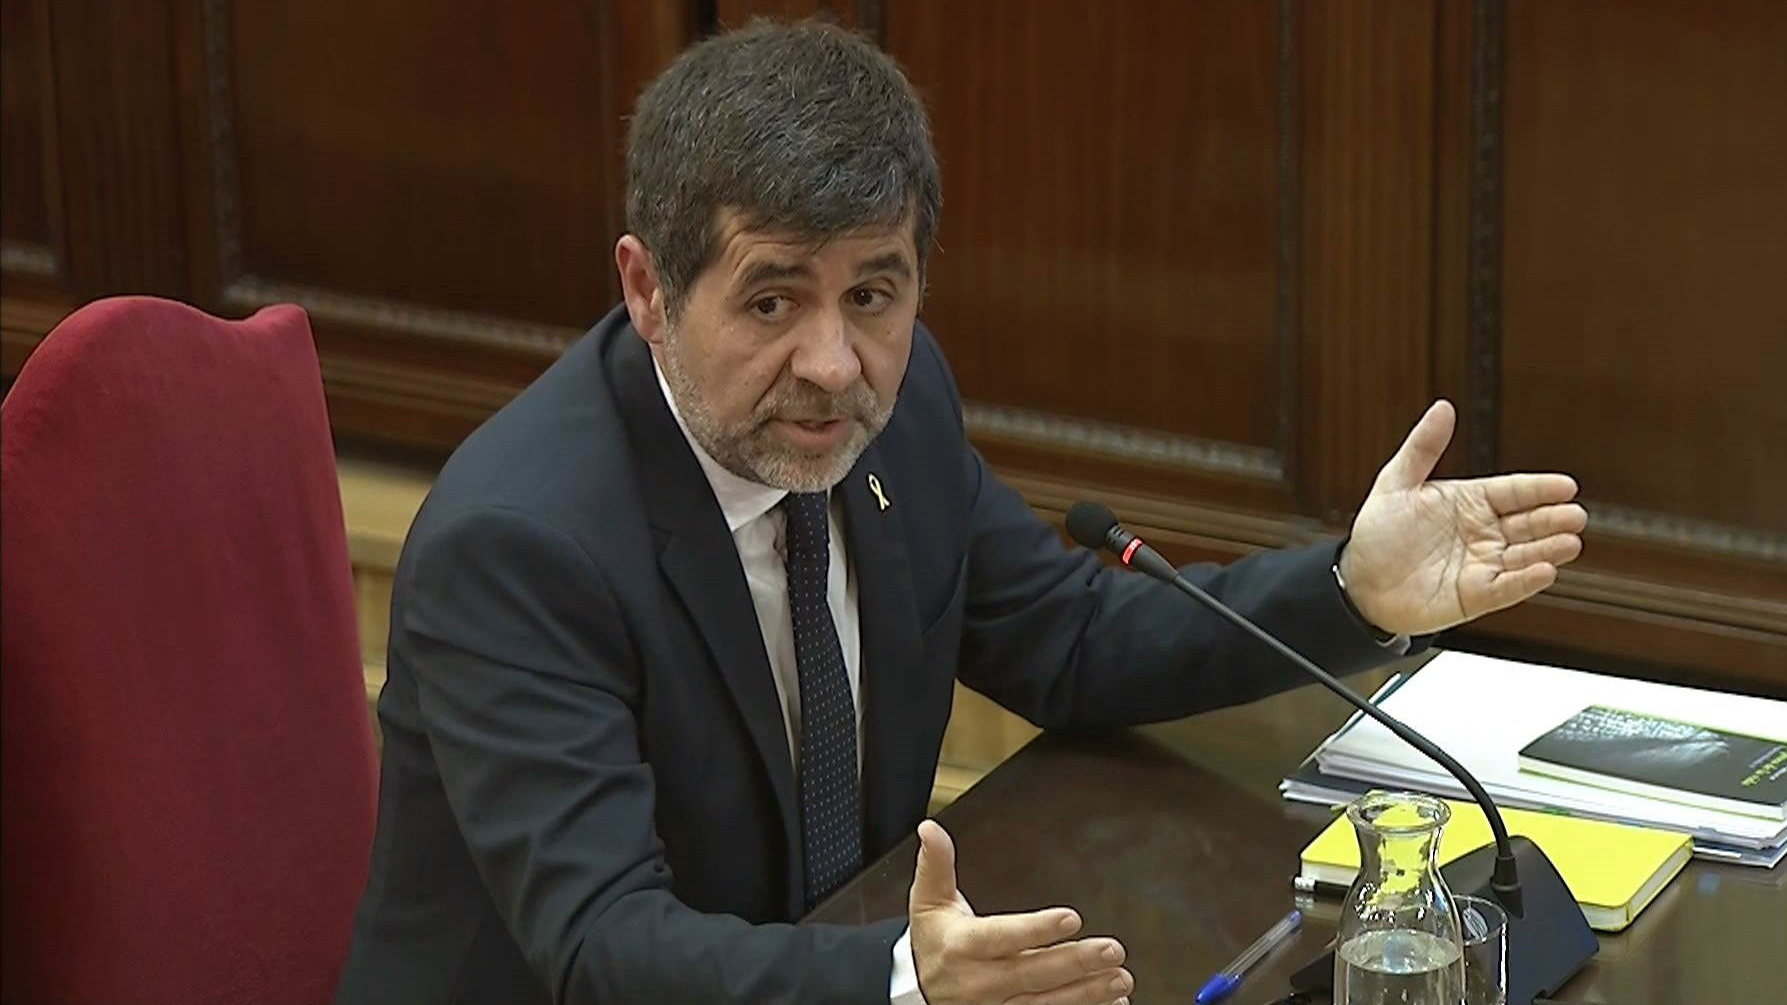 Juicio 'procés': Jordi Sánchez niega que hubiese violencia en las movilizaciones ante la Conselleria de Economía